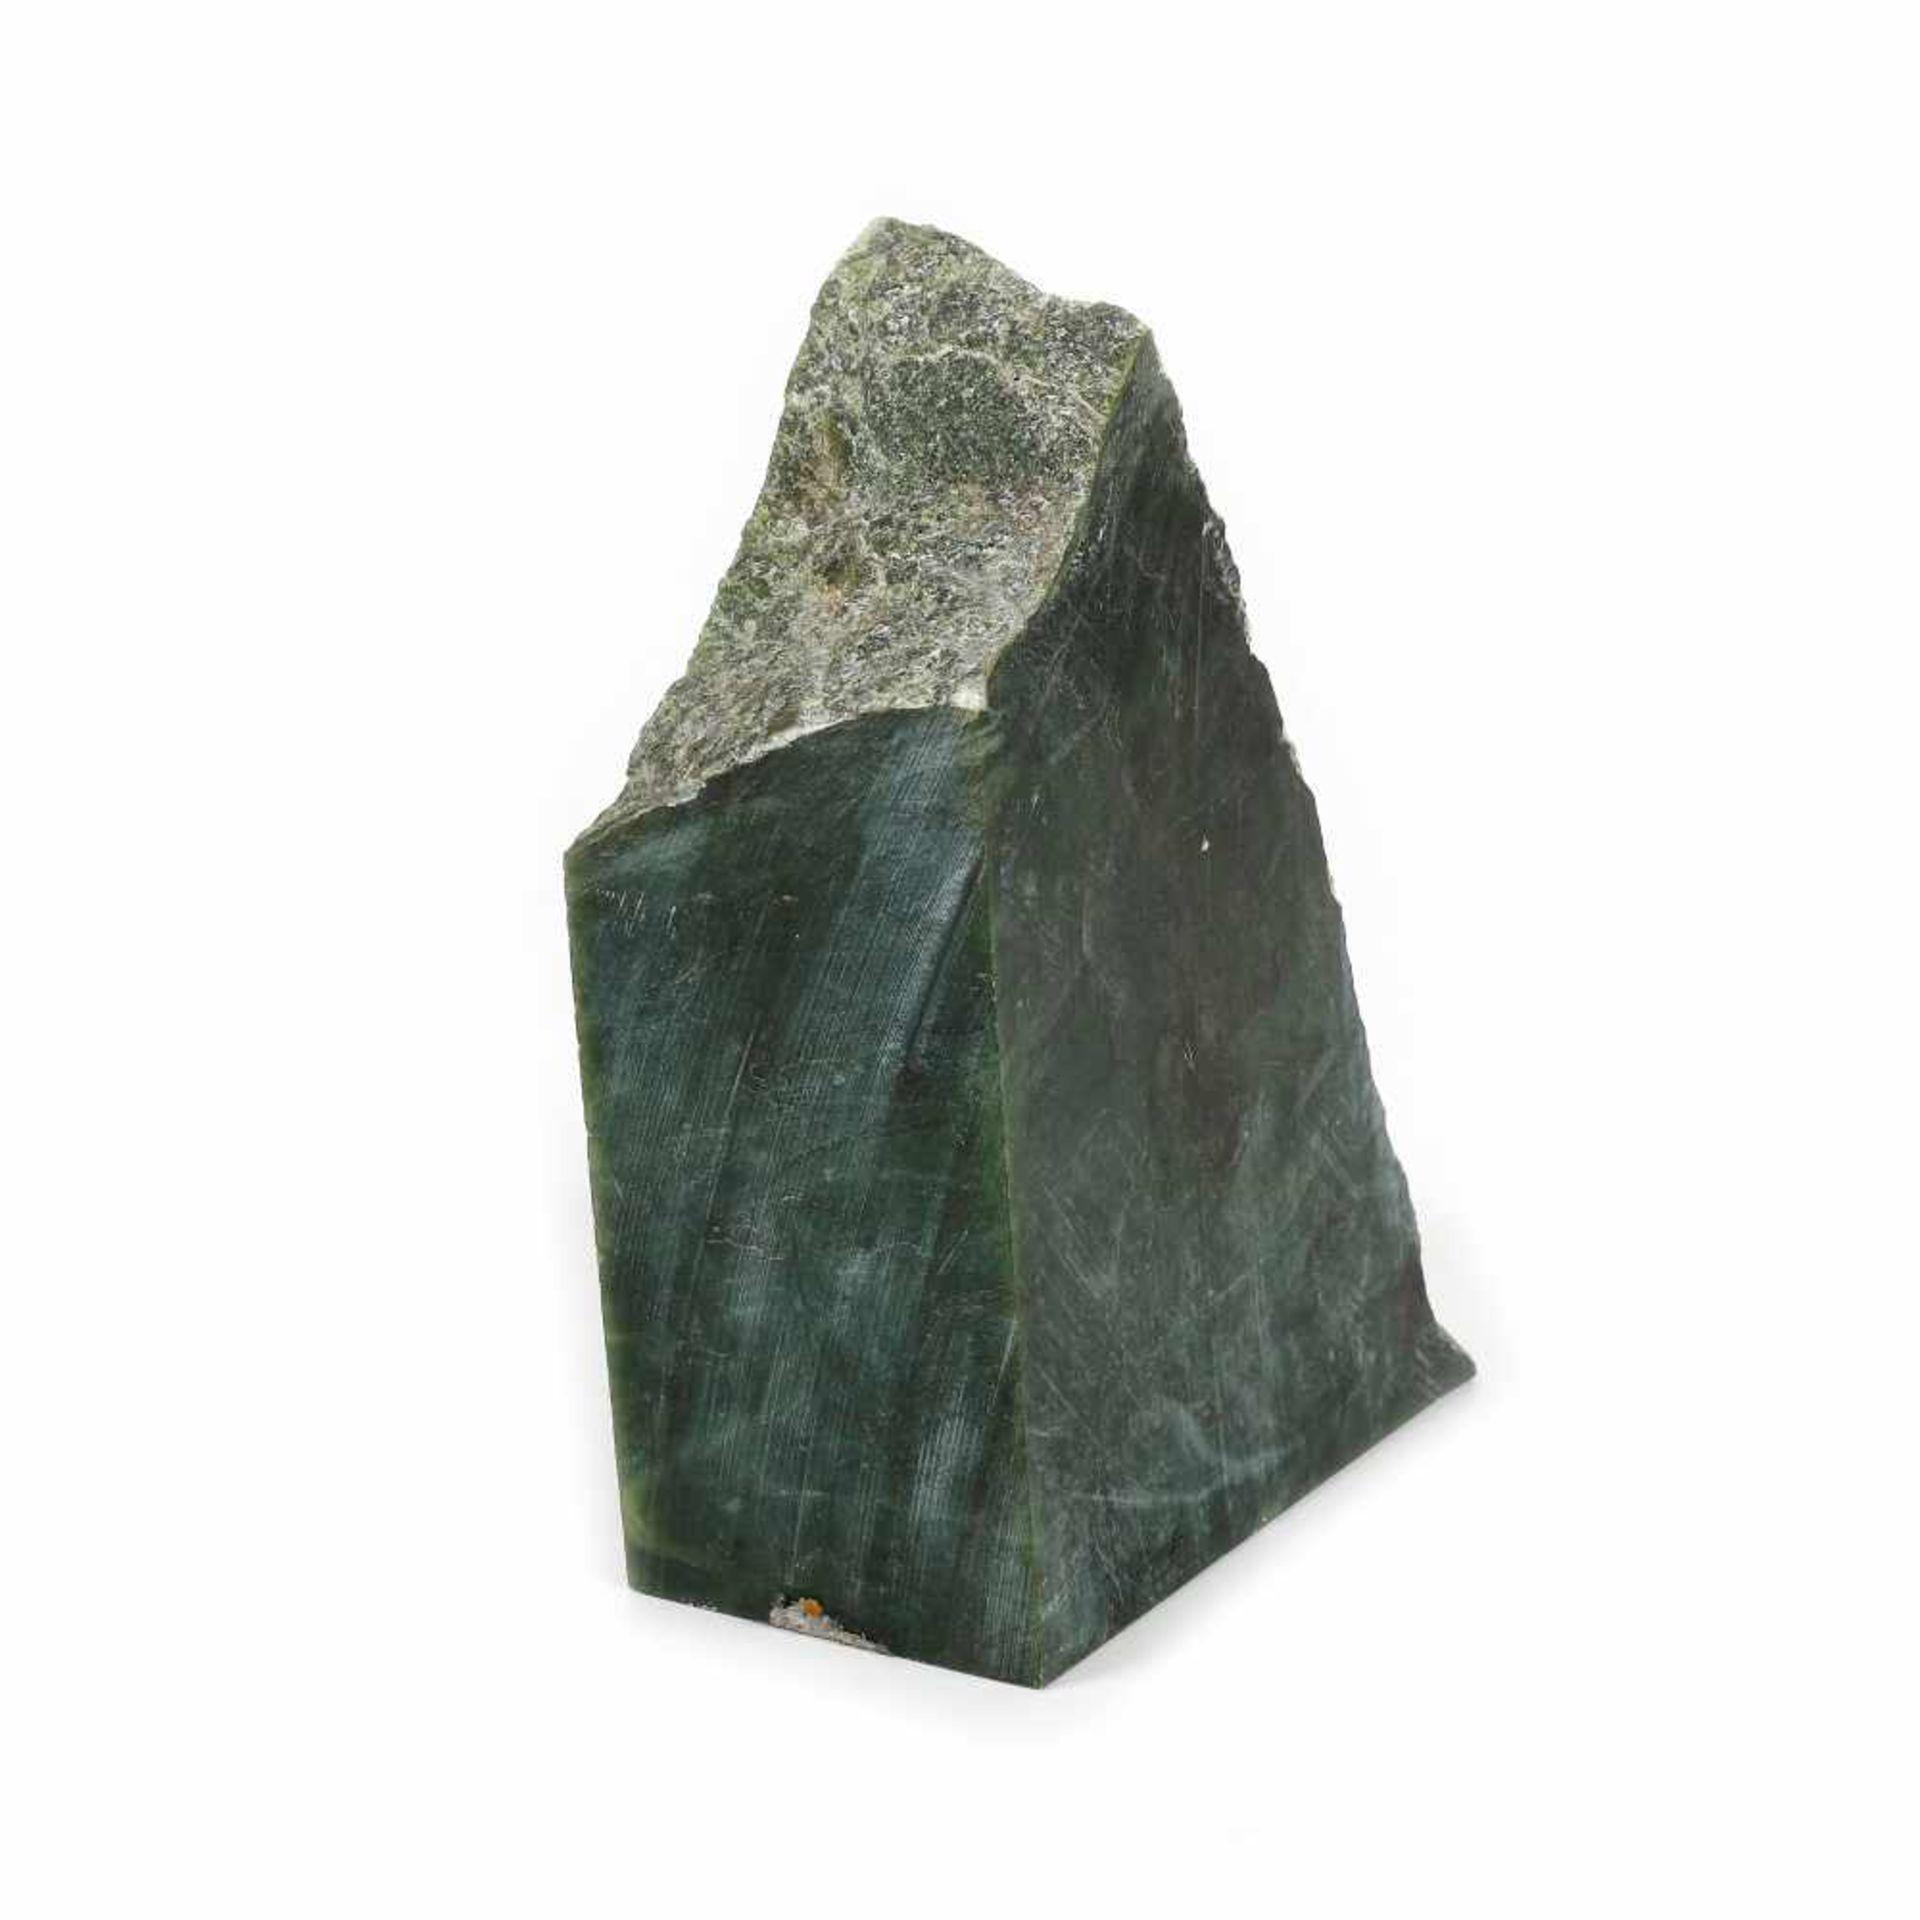 Unprocessed nephrite (jade) fragment - Bild 2 aus 2